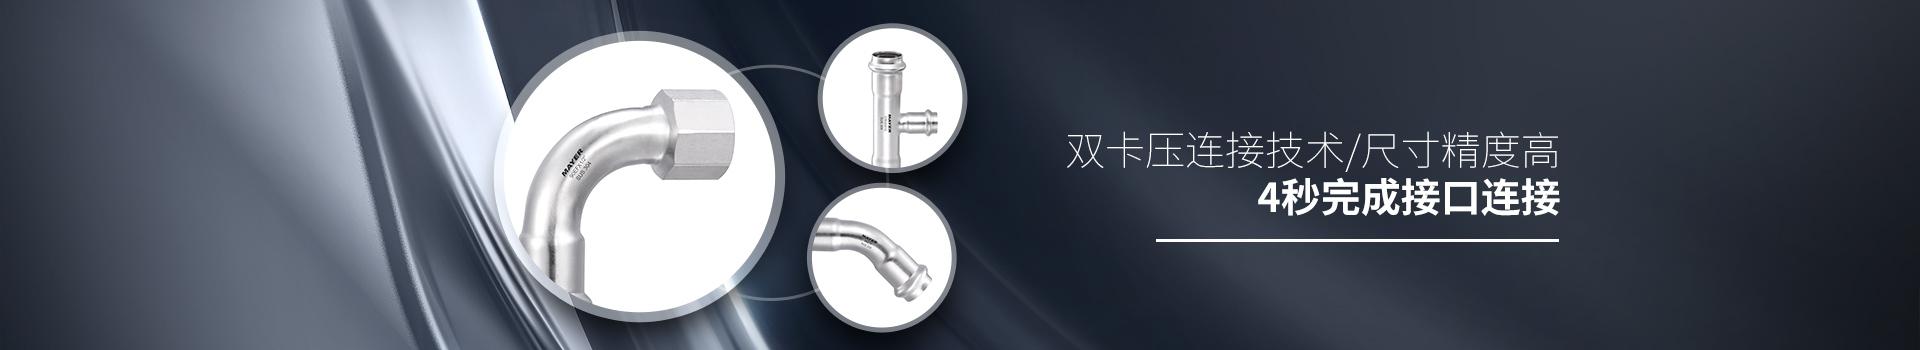 美亚双卡压管件,双卡压连接技术,尺寸精度高,4秒完成接口连接